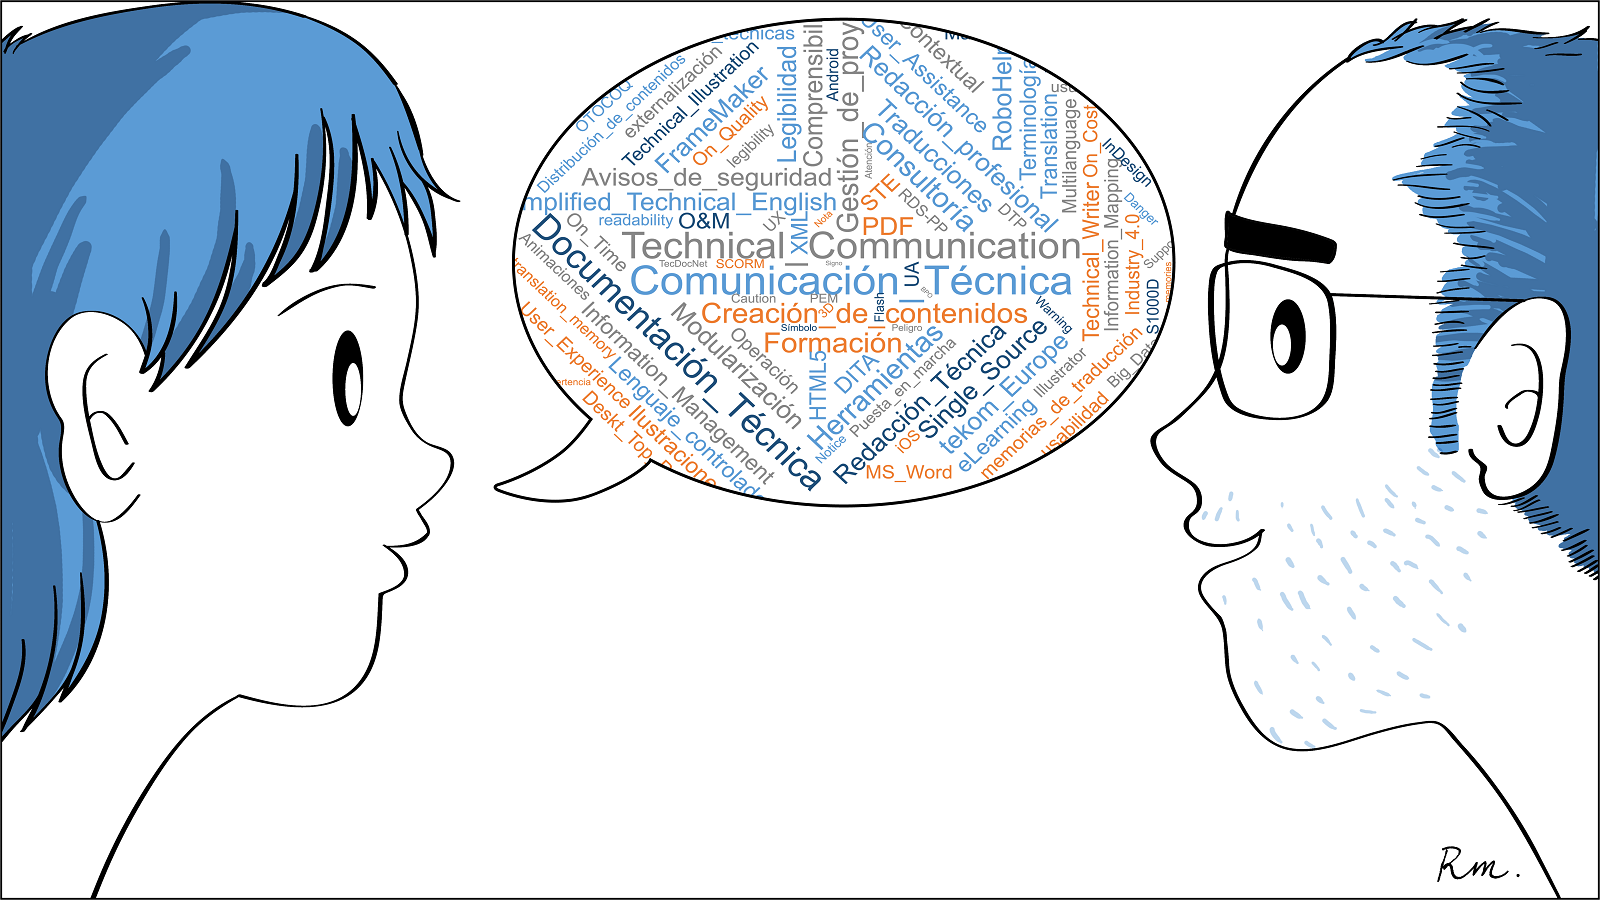 Universo Comunicación Técnica